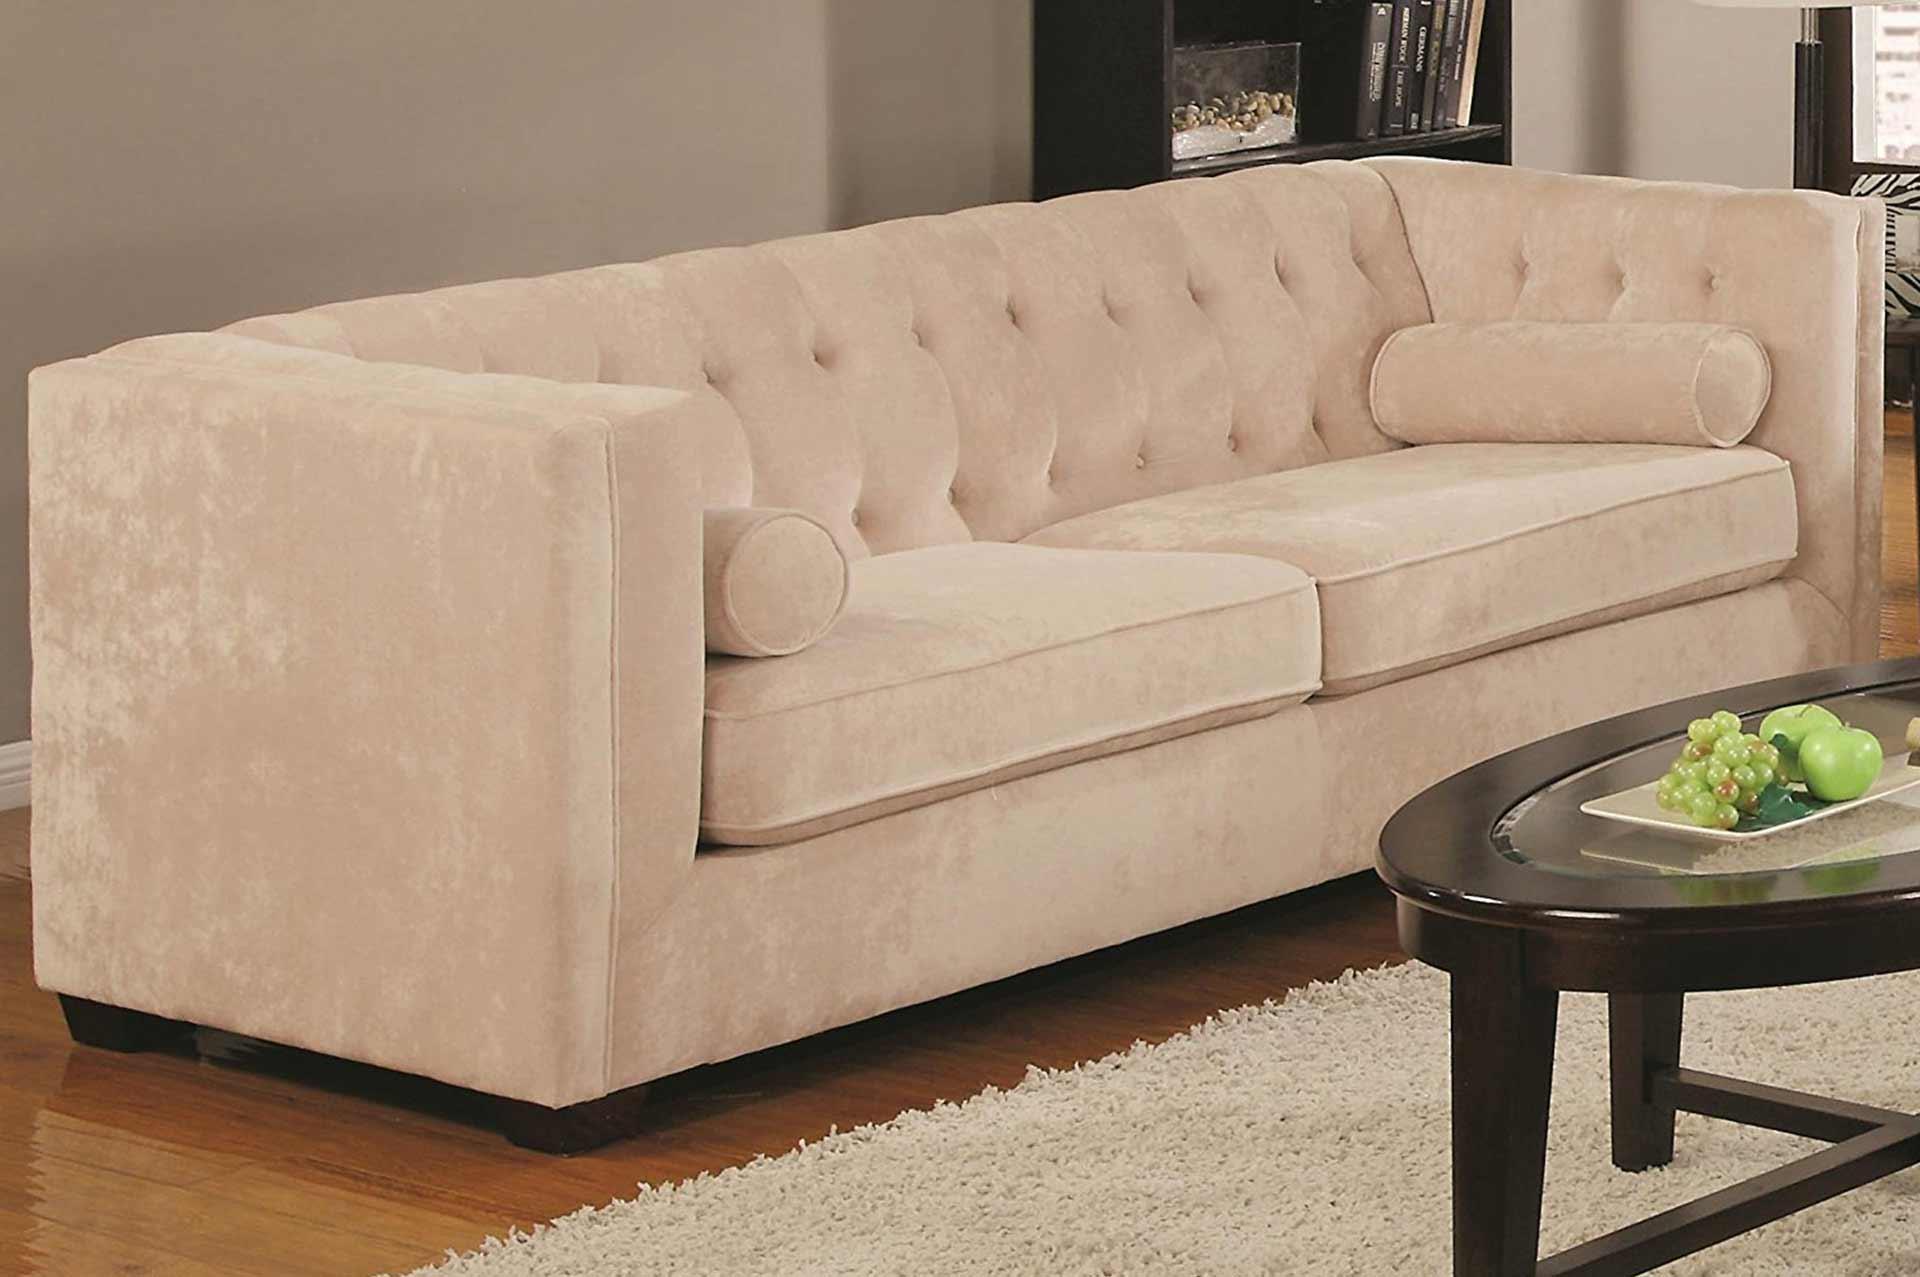 Furniture Requests